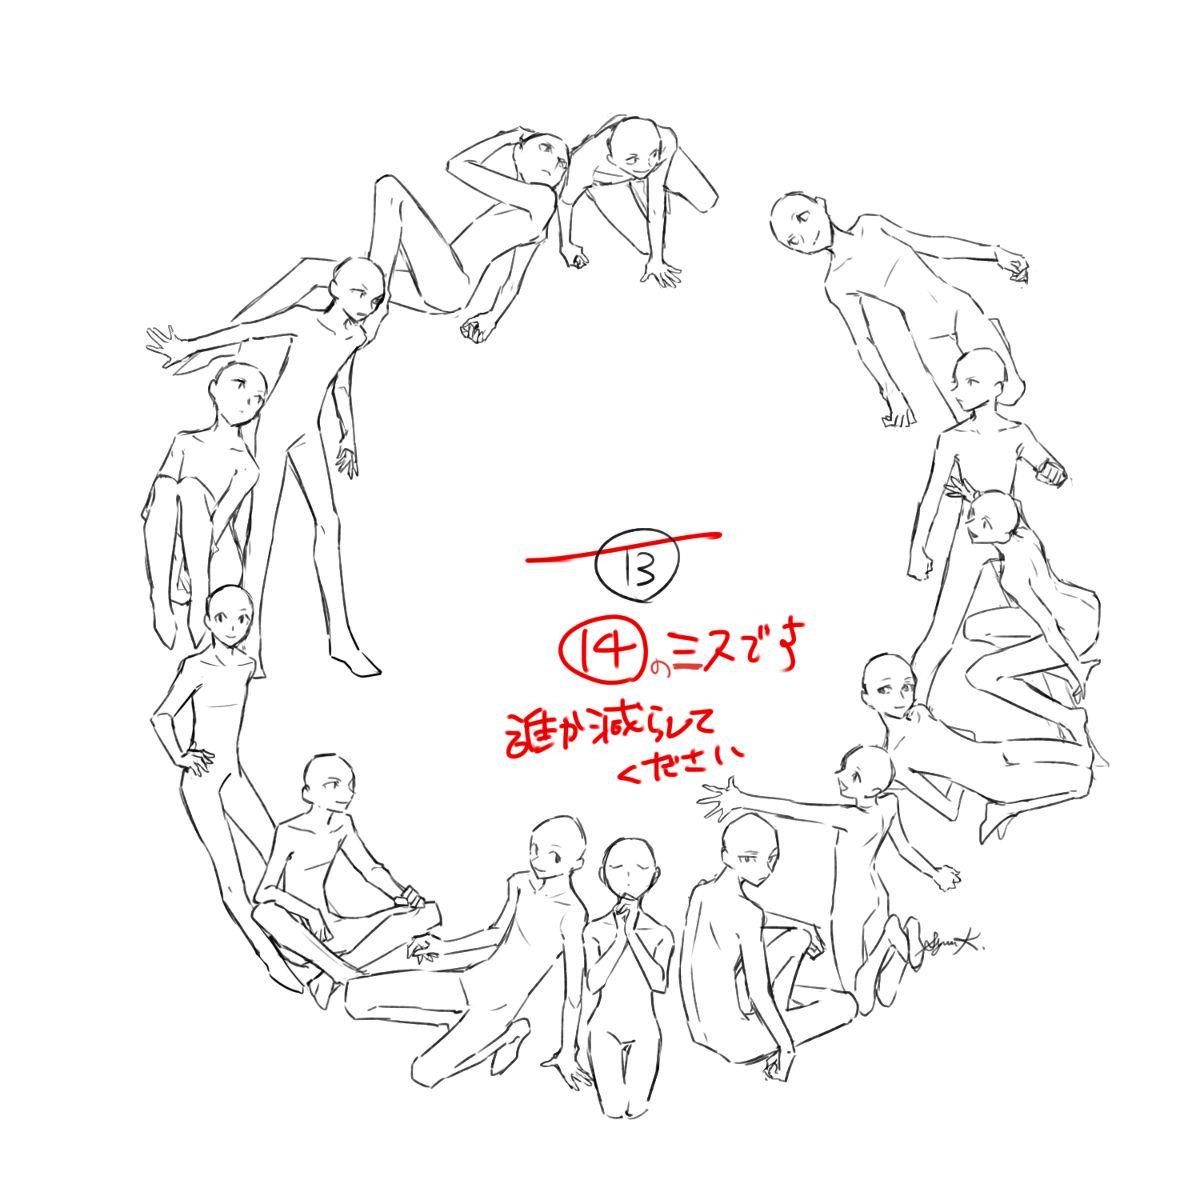 トレス可 環状構図集 24 アートリファレンス 描画ベース イラスト